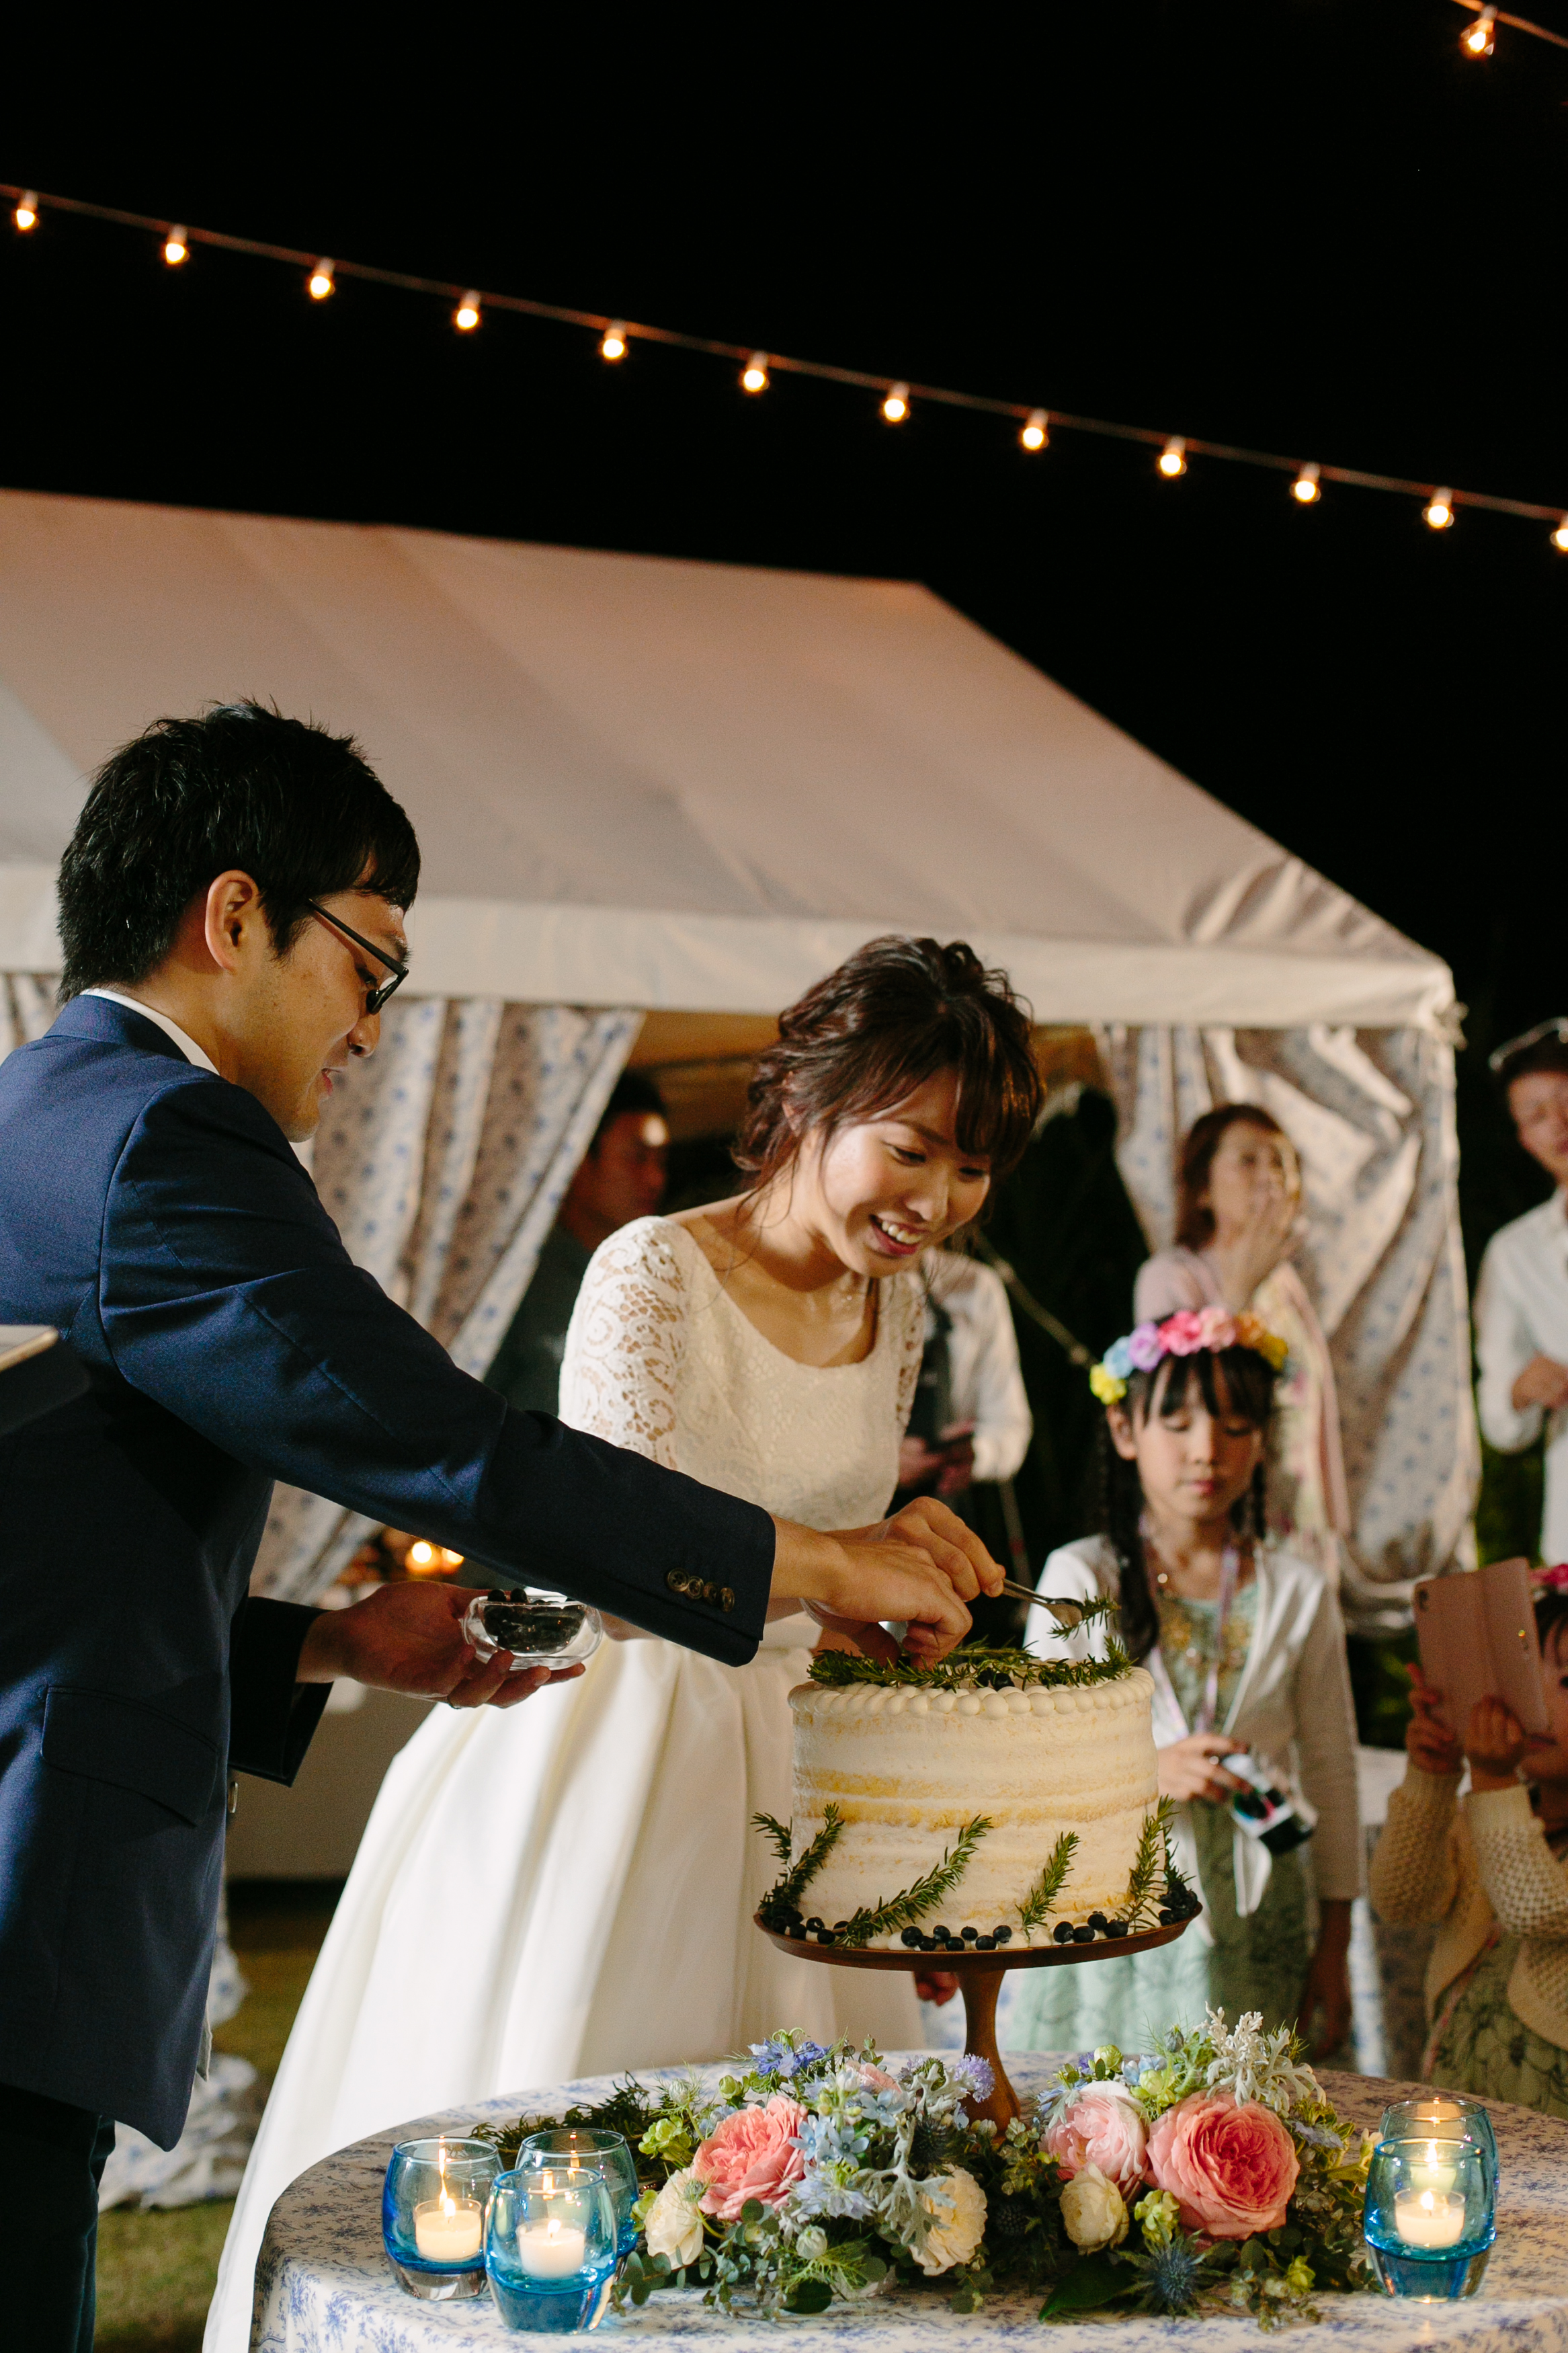 沖縄結婚式 | 出張カメラマン | Koji Nishida Photography | Produced by Belvedere | Belvedere Wedding